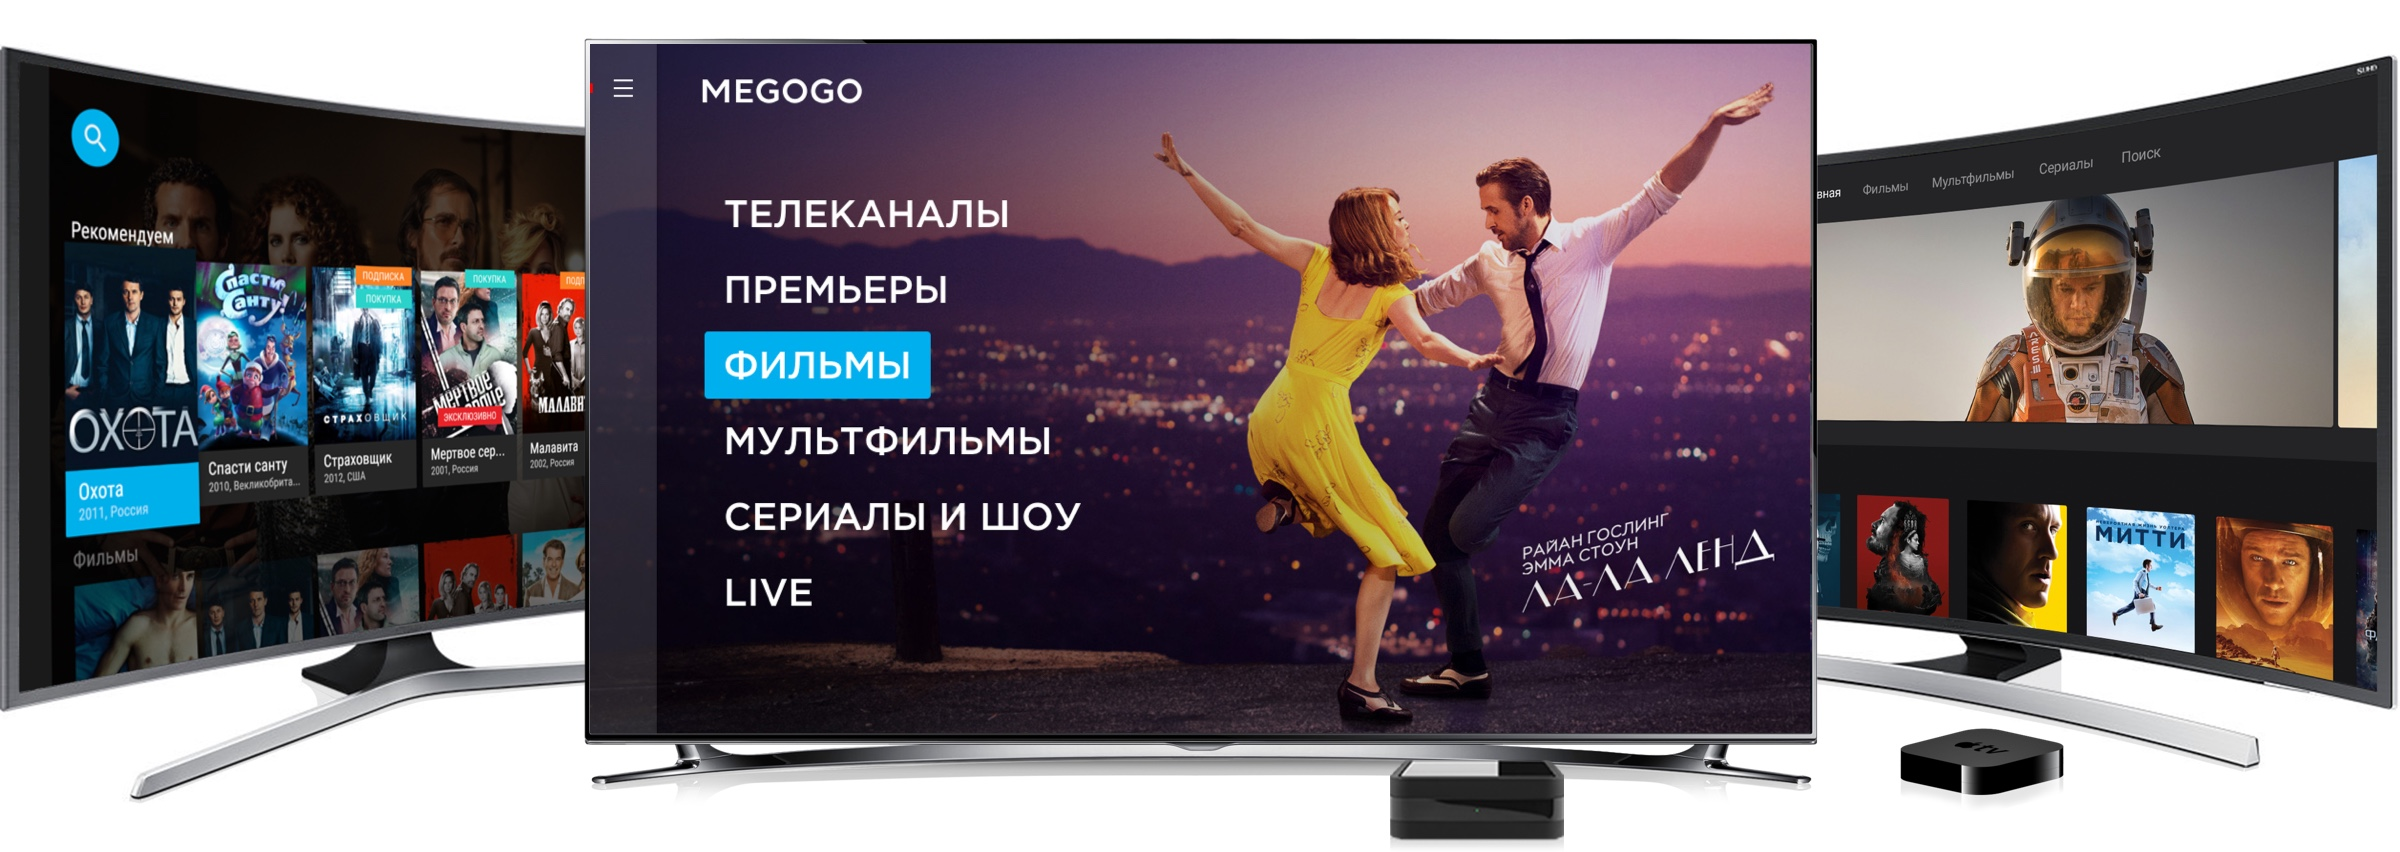 Лицензию в Украине получил латвийский канал